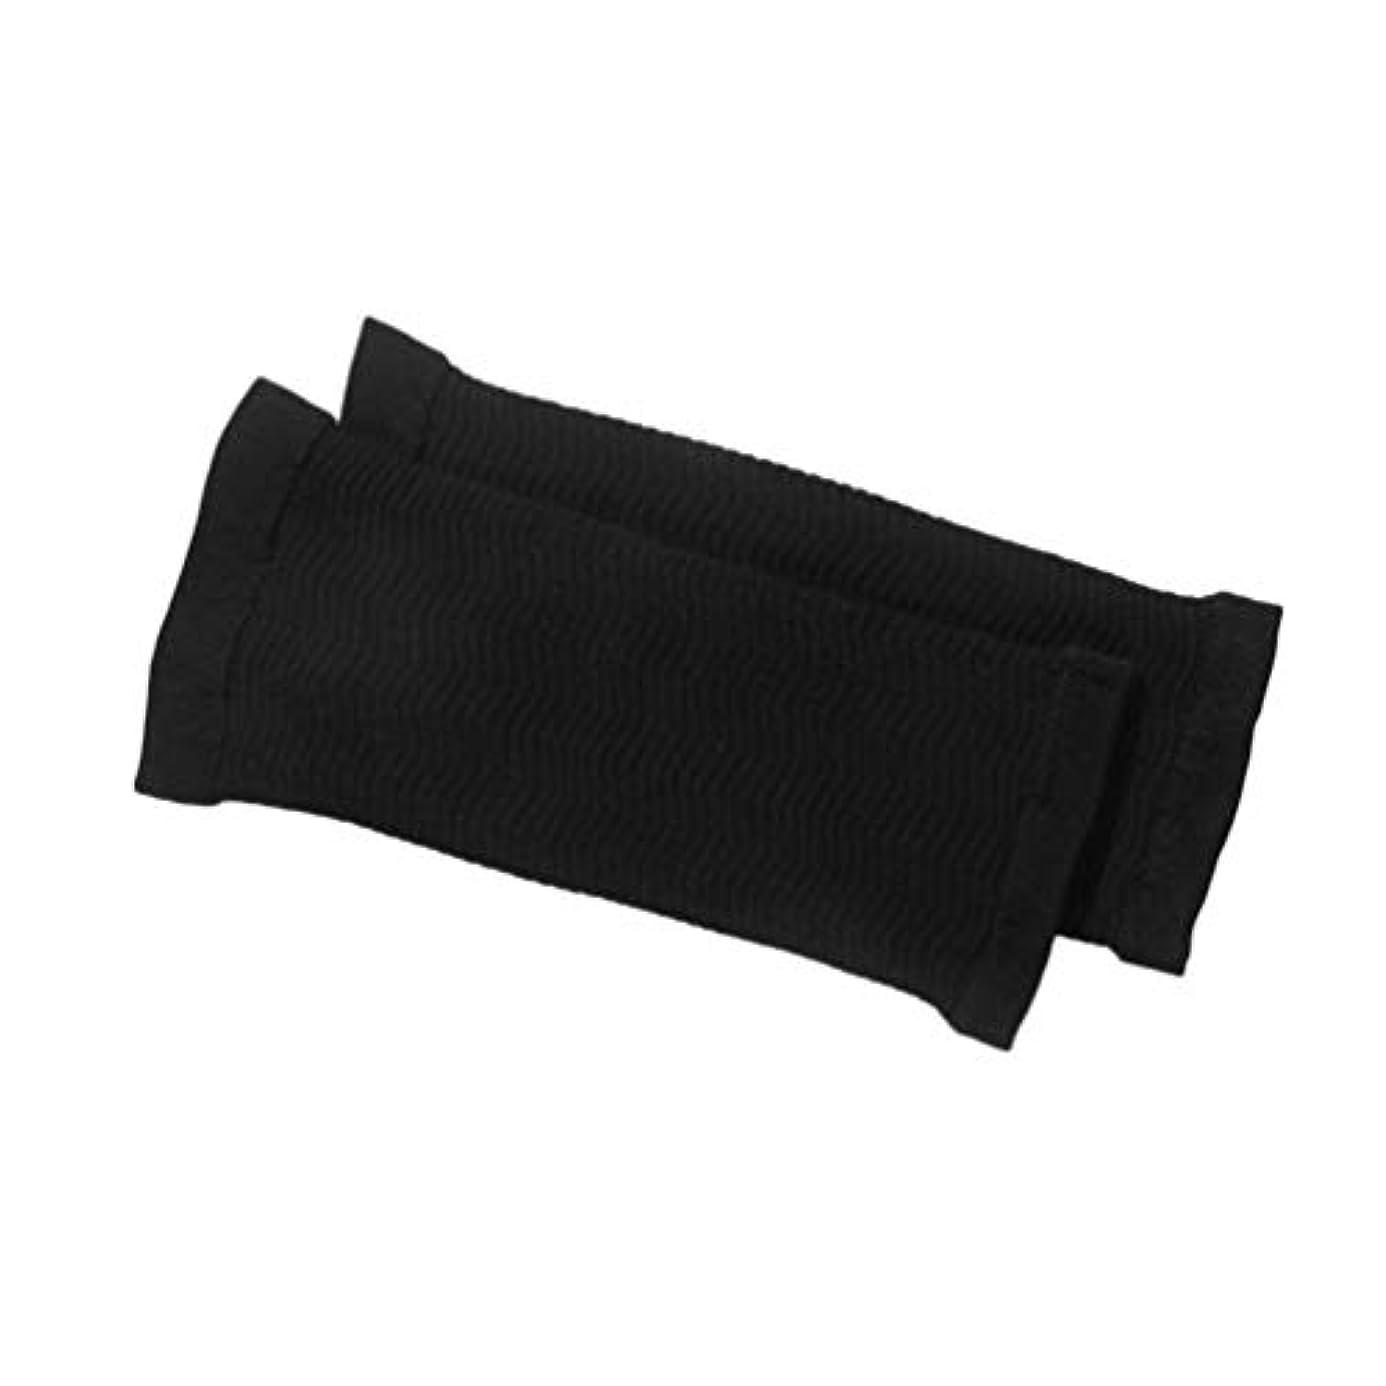 気性成熟大胆不敵1ペア420 D圧縮痩身アームスリーブワークアウトトーニングバーンセルライトシェイパー脂肪燃焼袖用女性 - 黒